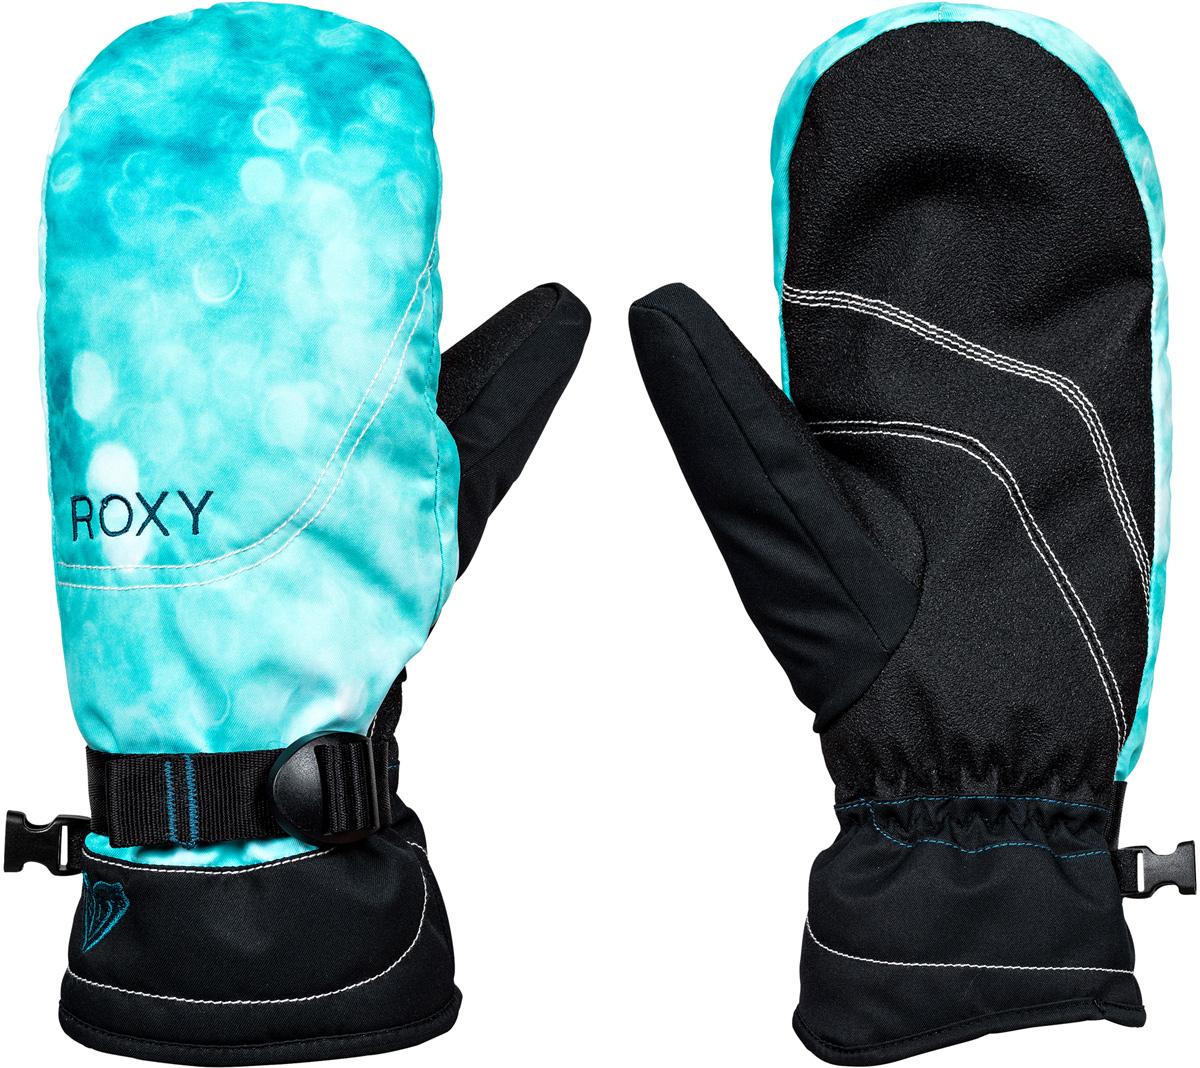 Варежки женские Roxy Jetty, цвет: черный. ERJHN03064-BSF6. Размер M (7)ERJHN03064-BSF6Женские варежки Roxy Jetty фиксированной формы выполнены из высококачественного материала, утеплены Warmflight (170 г). Водостойкая вставка DryFlight, а также трикотажная подкладка с начесом. Манжеты дополнены регулировкой размера за счет стрепа.